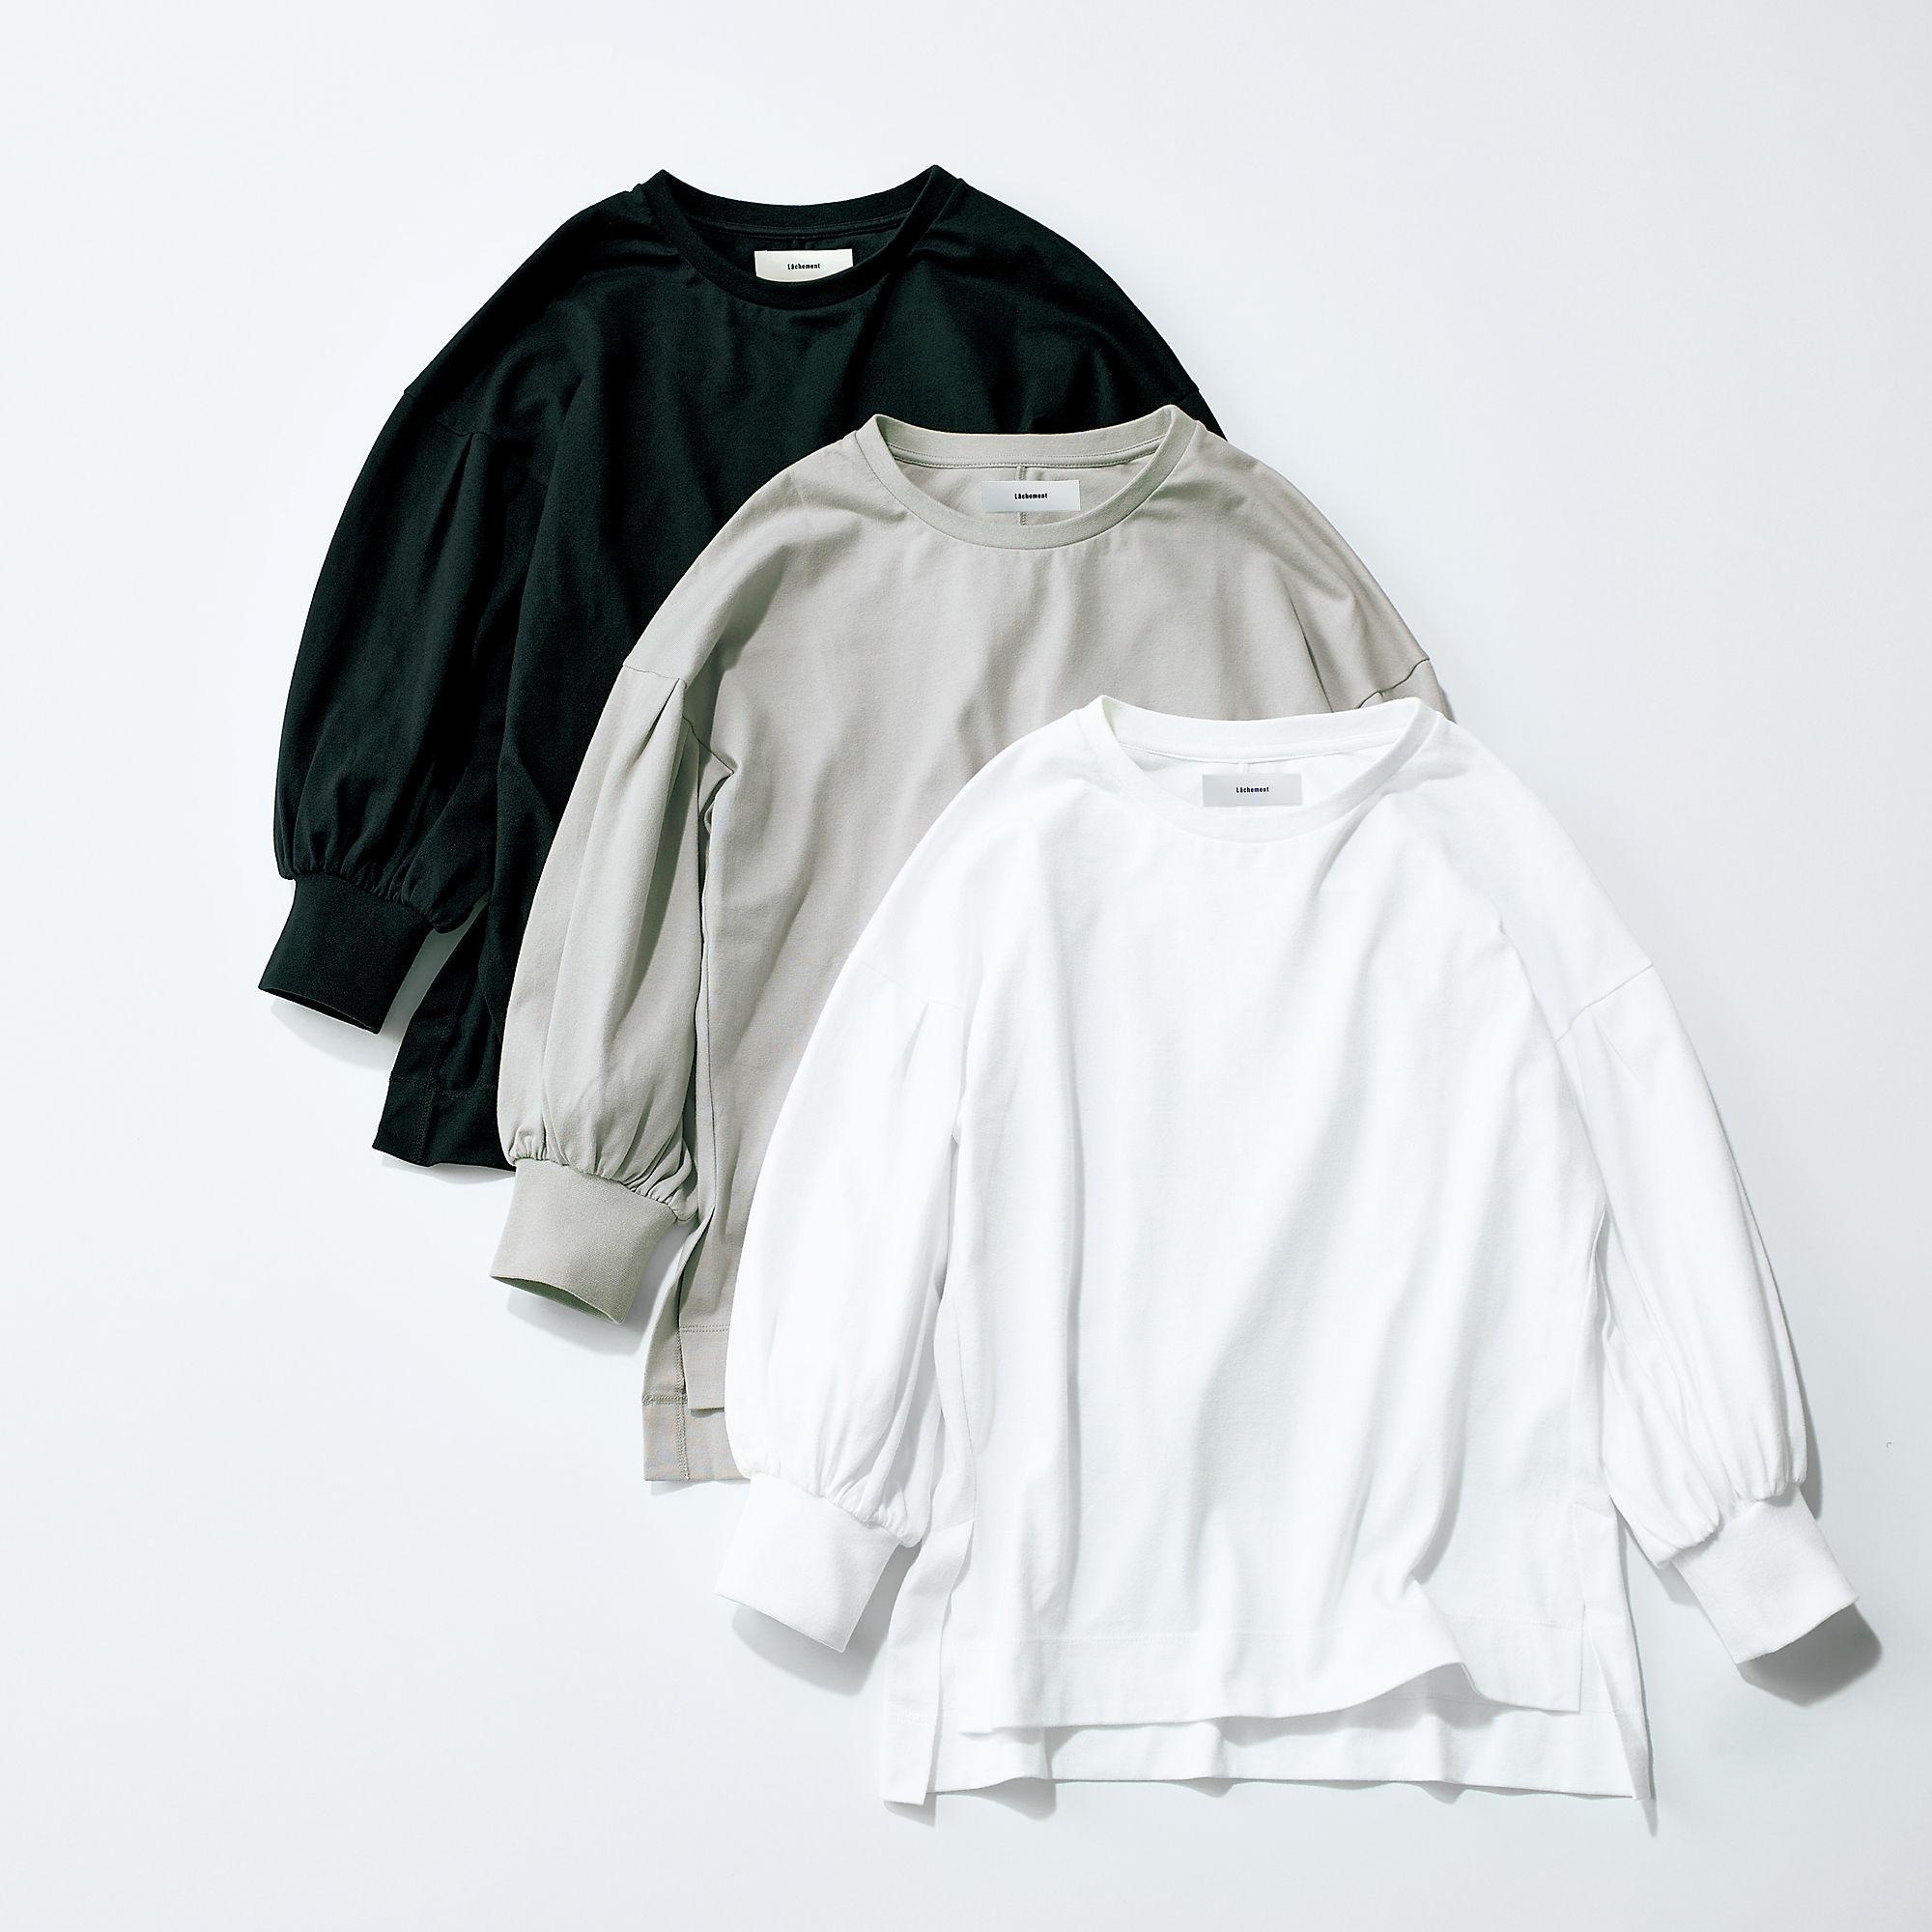 夏に一番頼れるアイテムこそ、アップデート!富岡佳子「華Tシャツ」つくりました_1_3